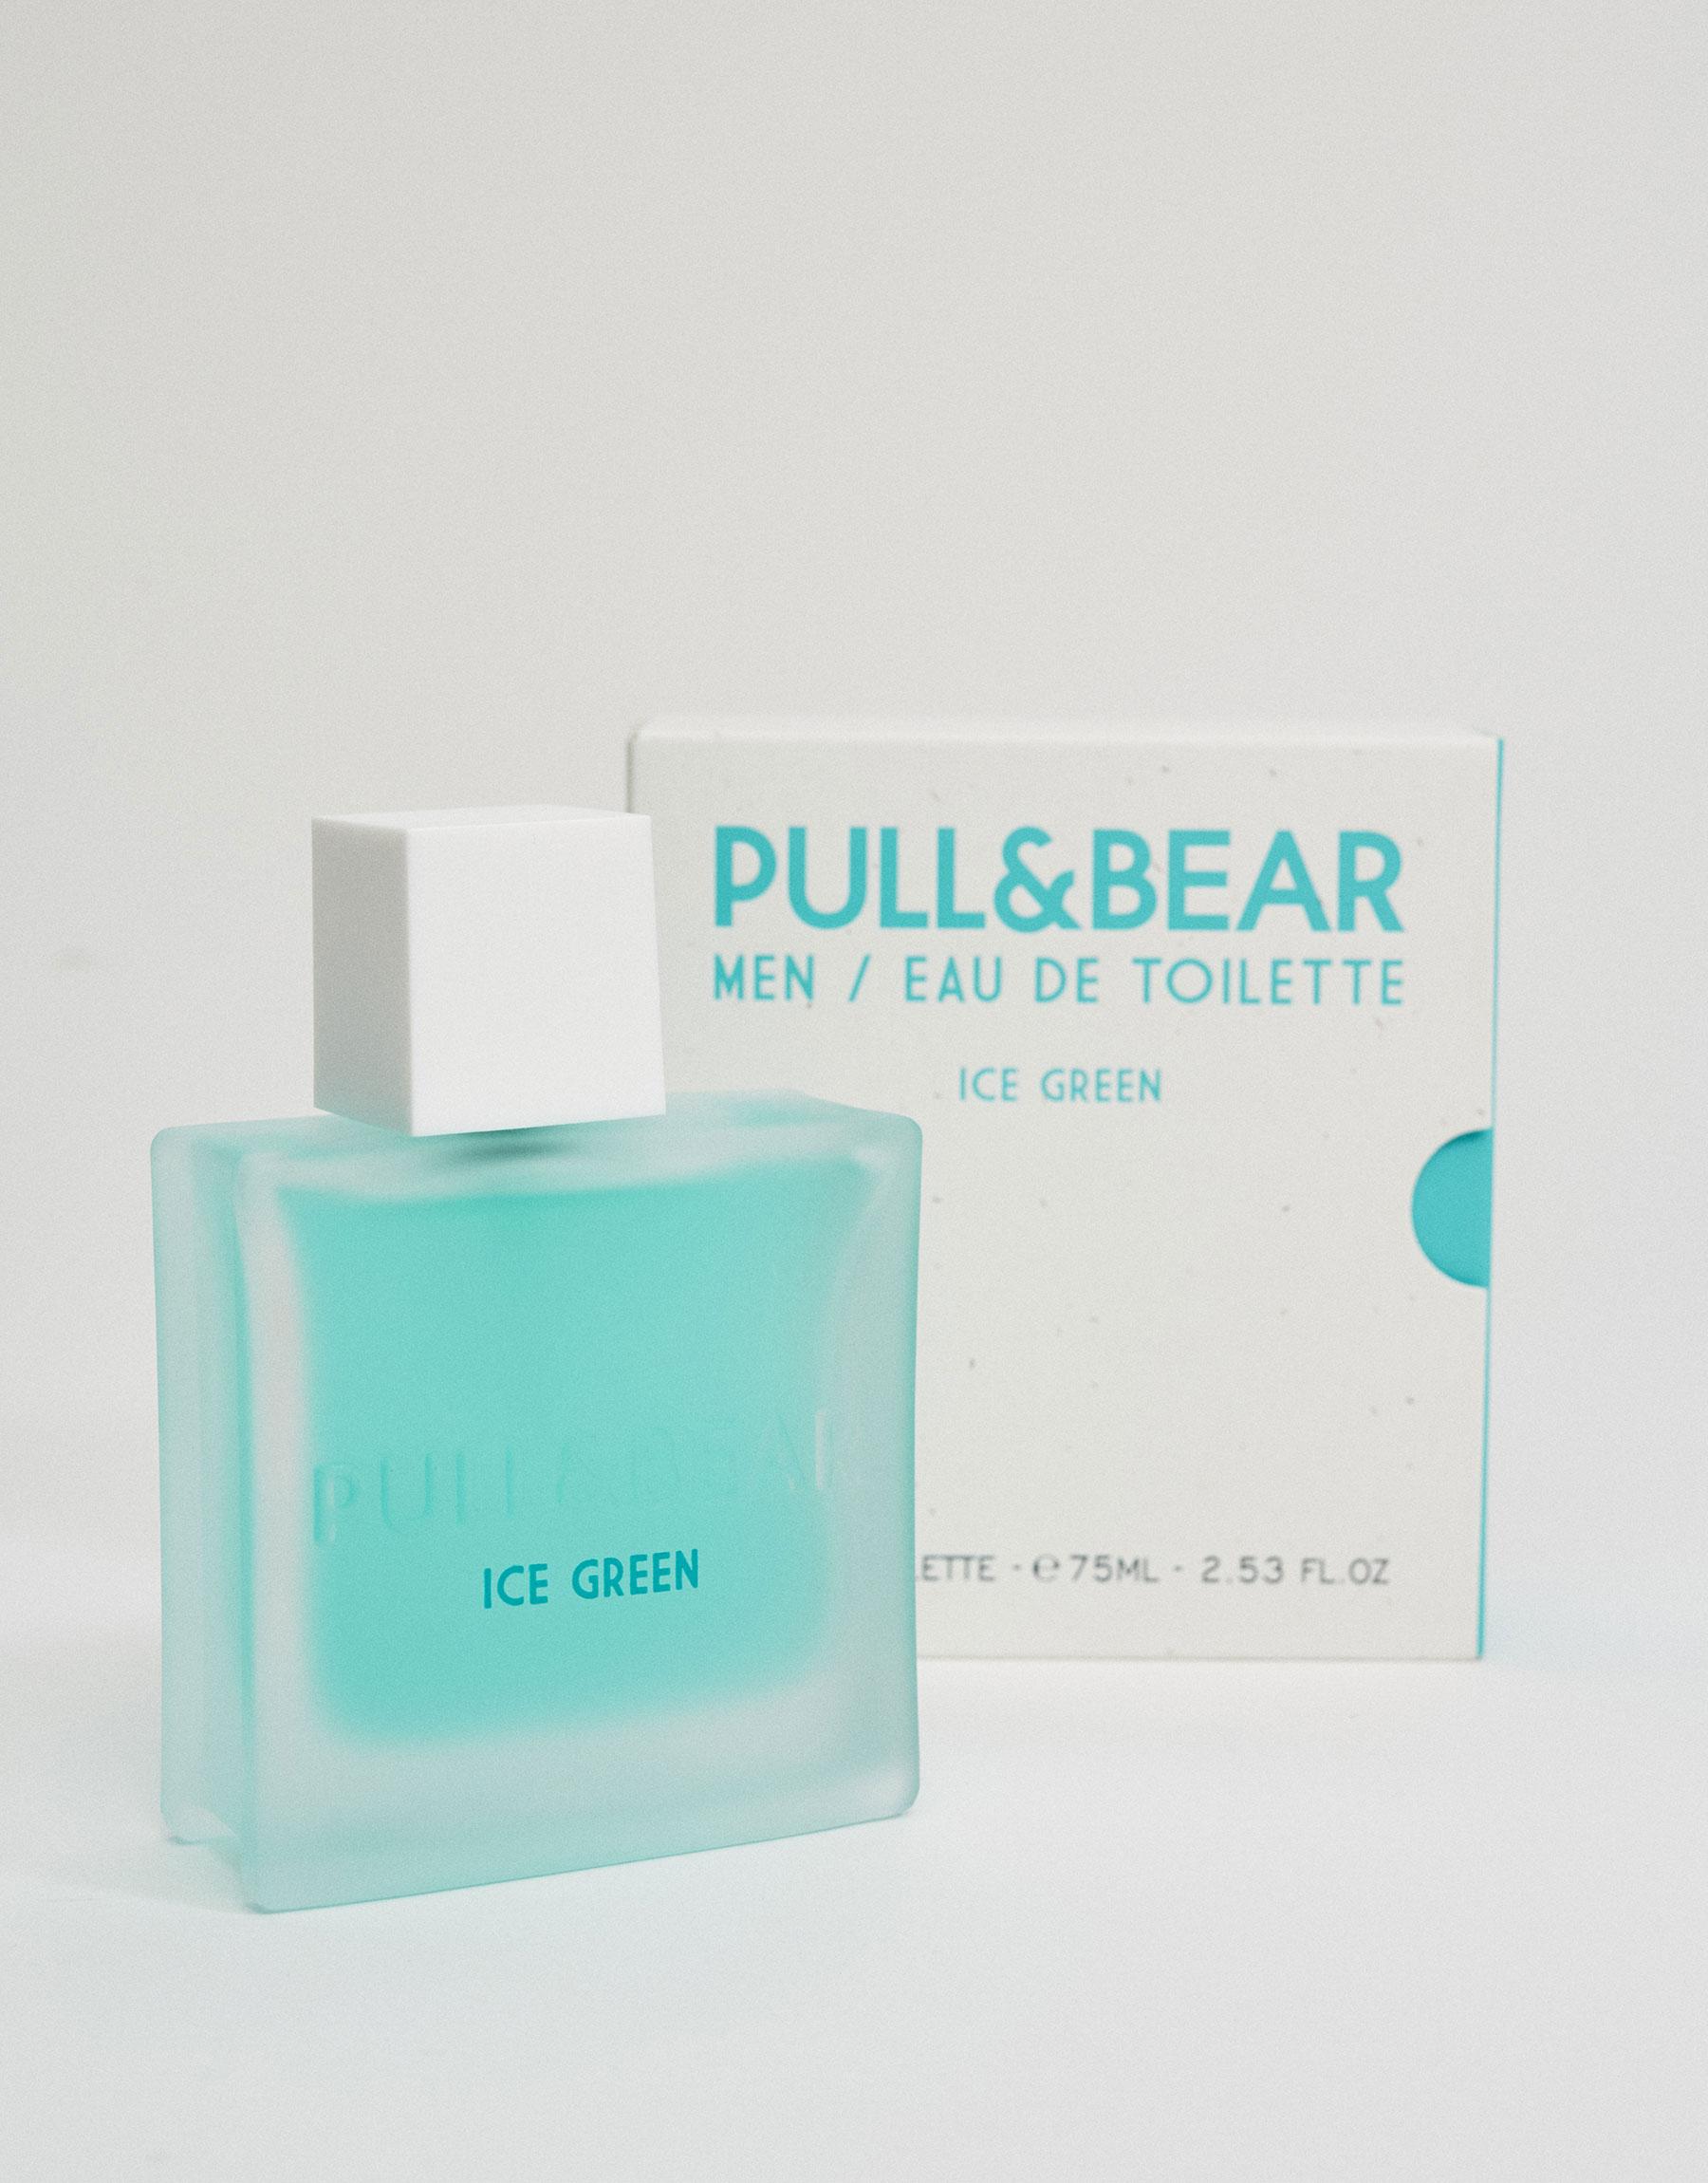 Eau de toilette pull & bear ice green 75 ml